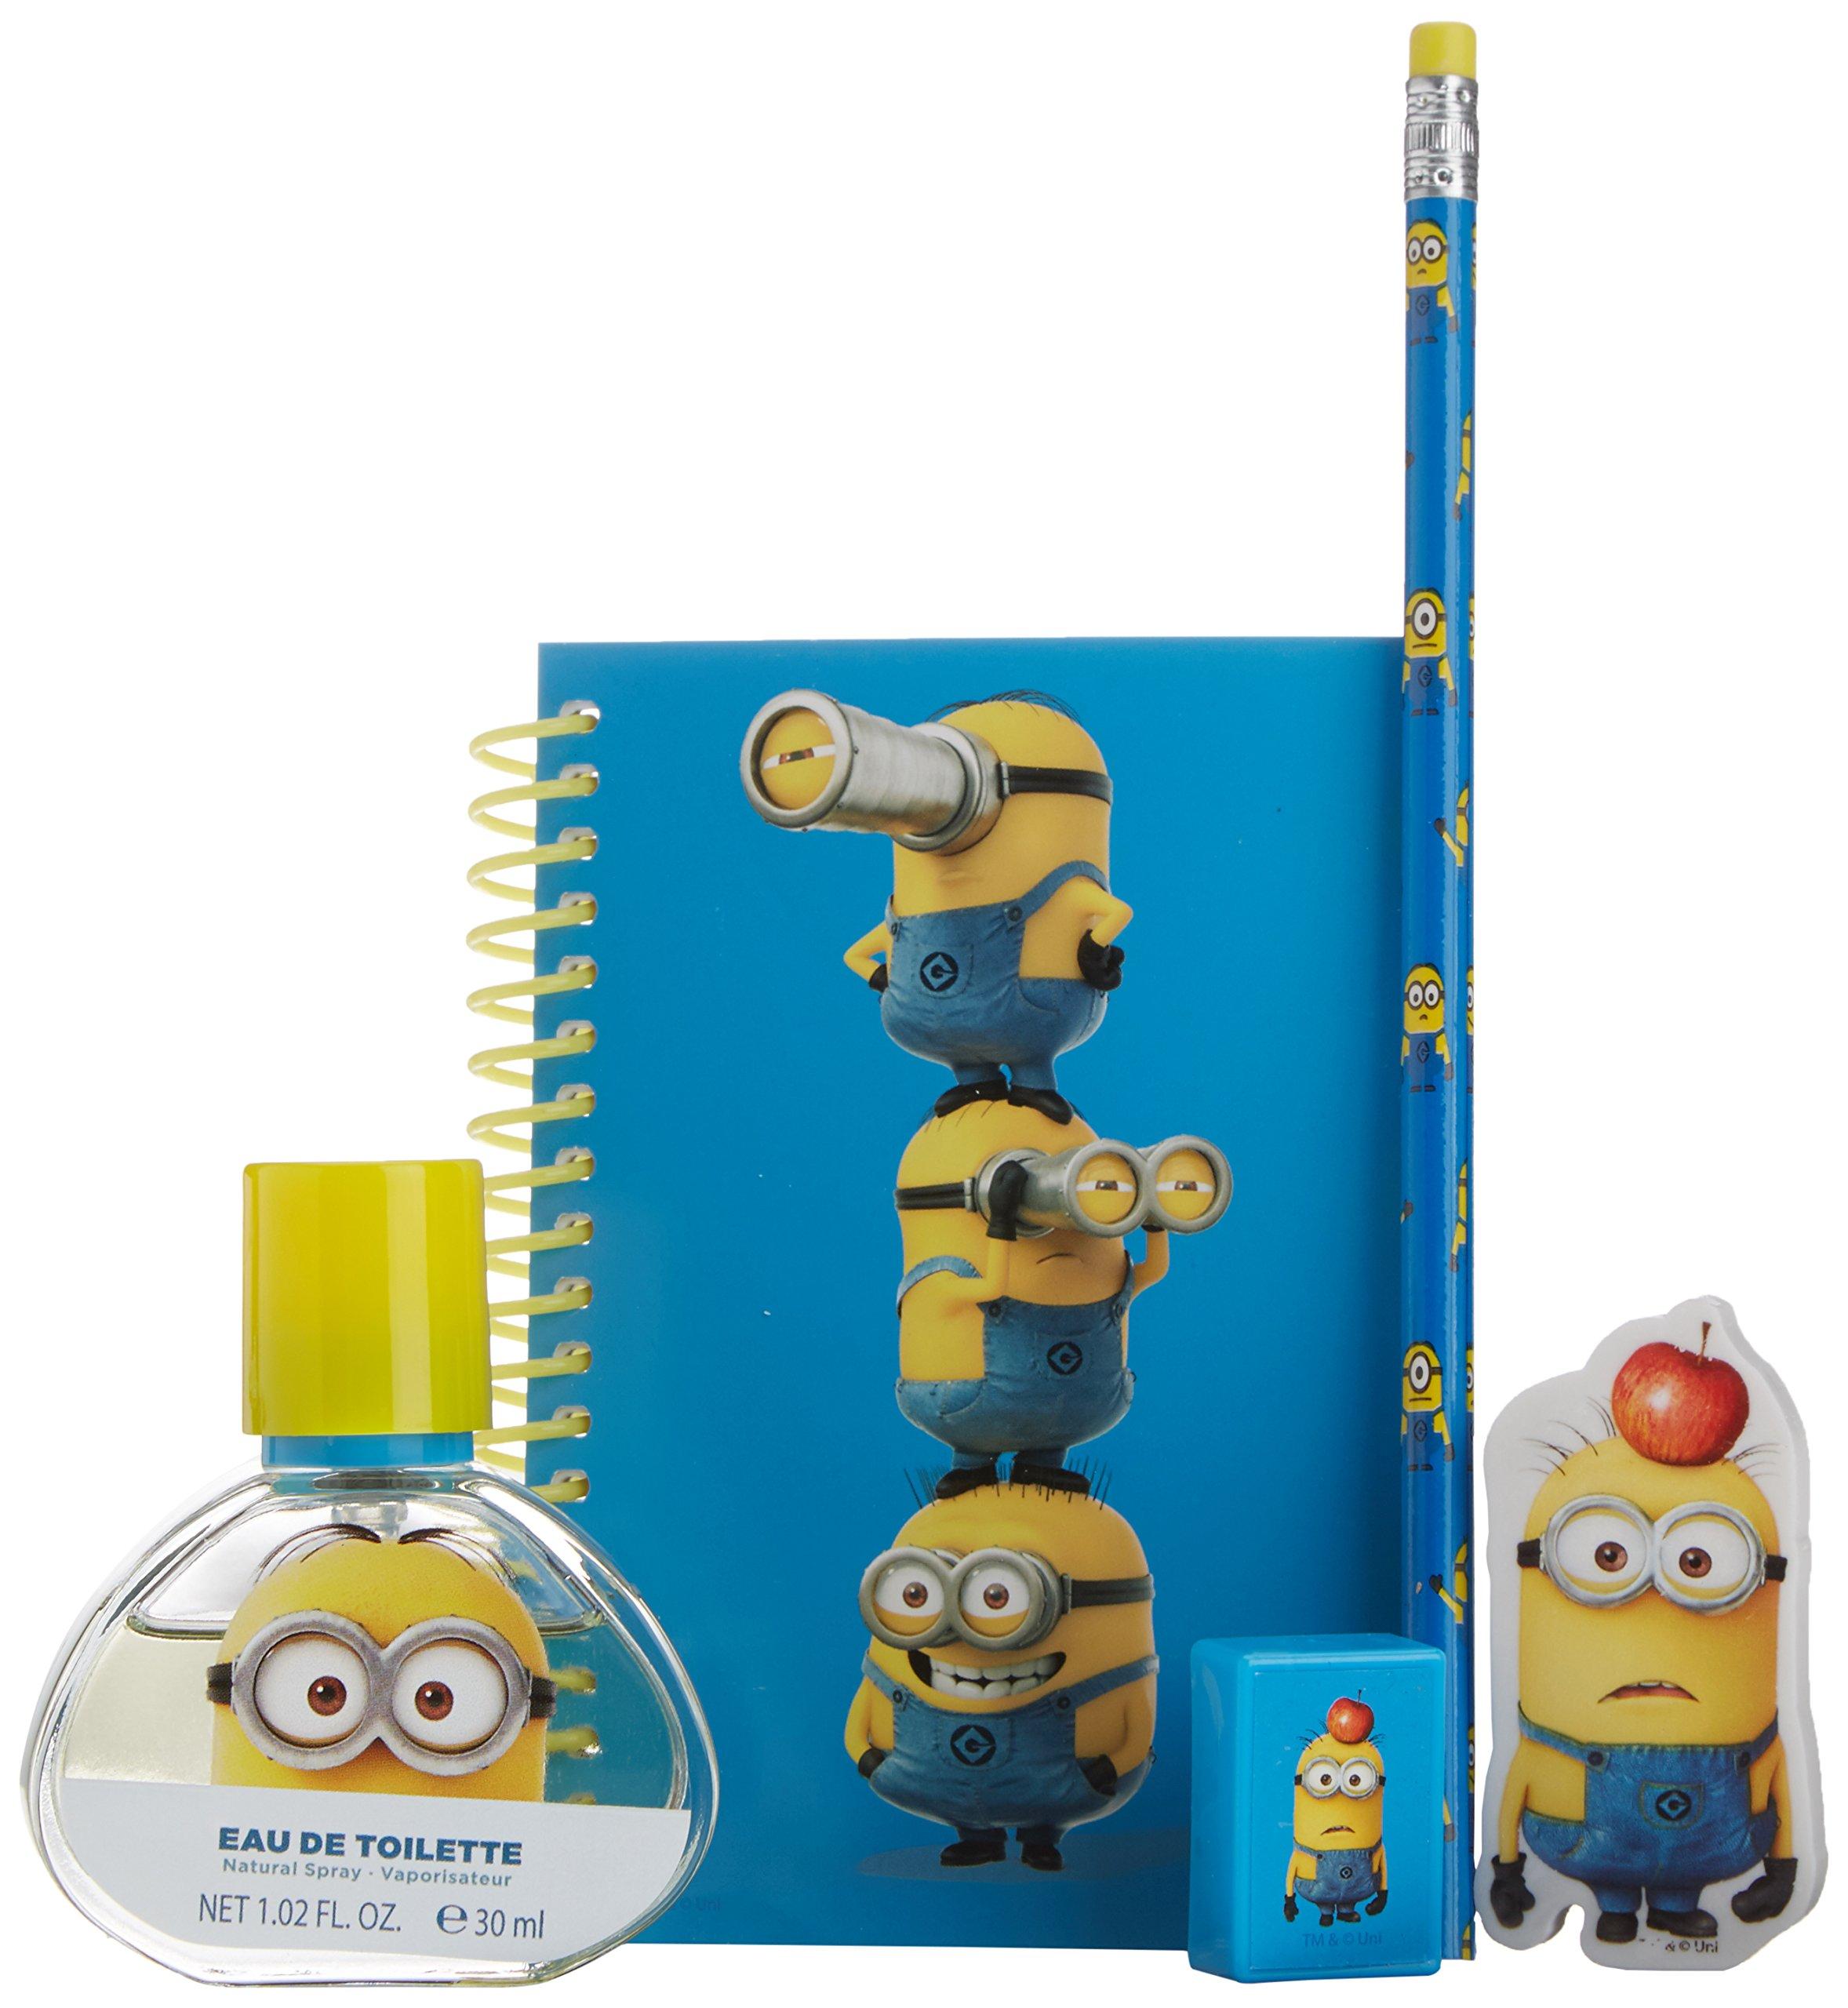 Les Minions - Coffret Eau de Toilette 30 ml + 4 articles de Papeterie product image